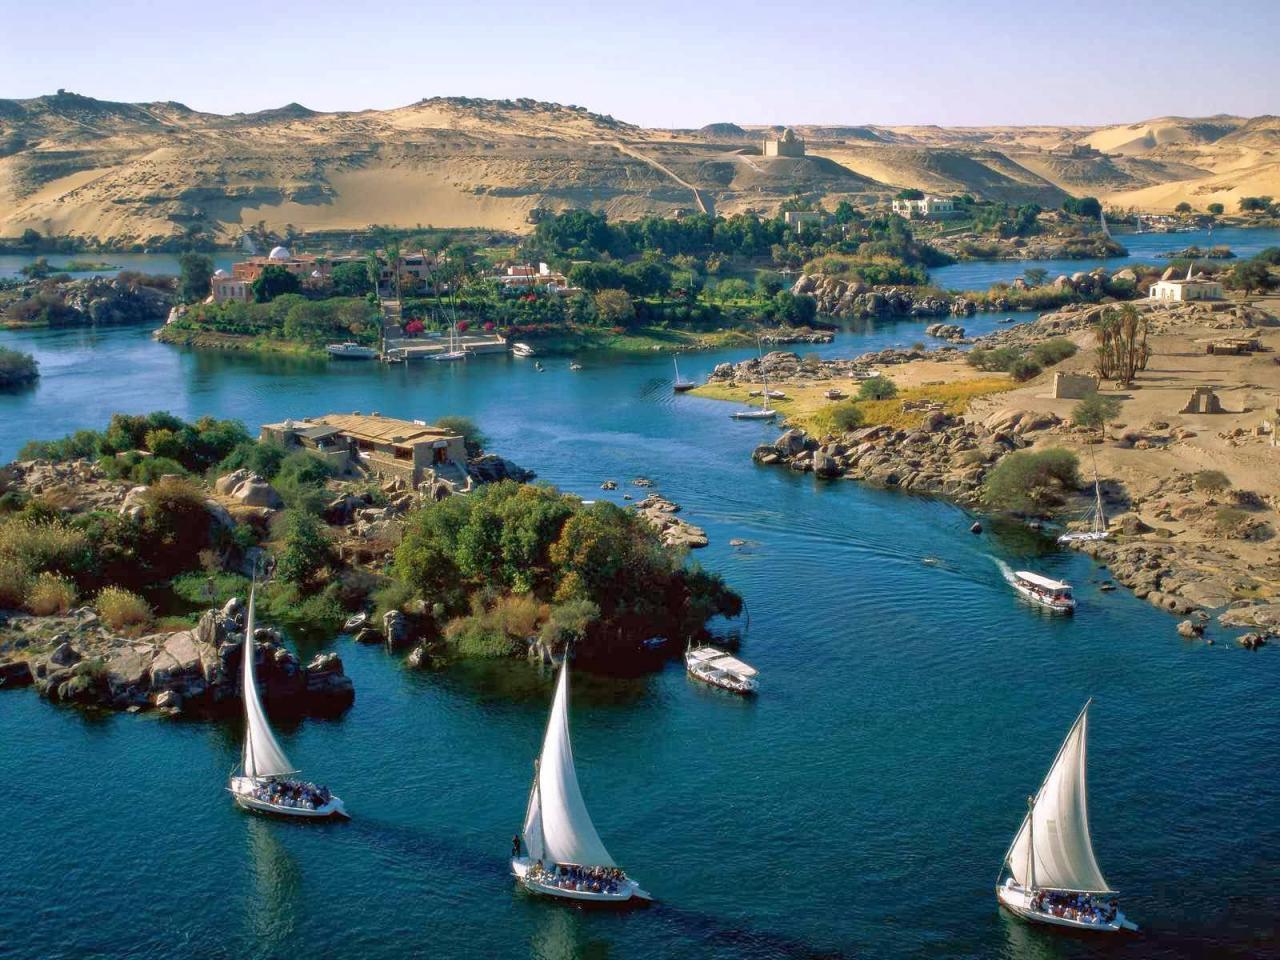 صورة موضوع تعبير عن نهر النيل وواجبنا نحوه , احلى موضوع تعبير عن نهر النيل